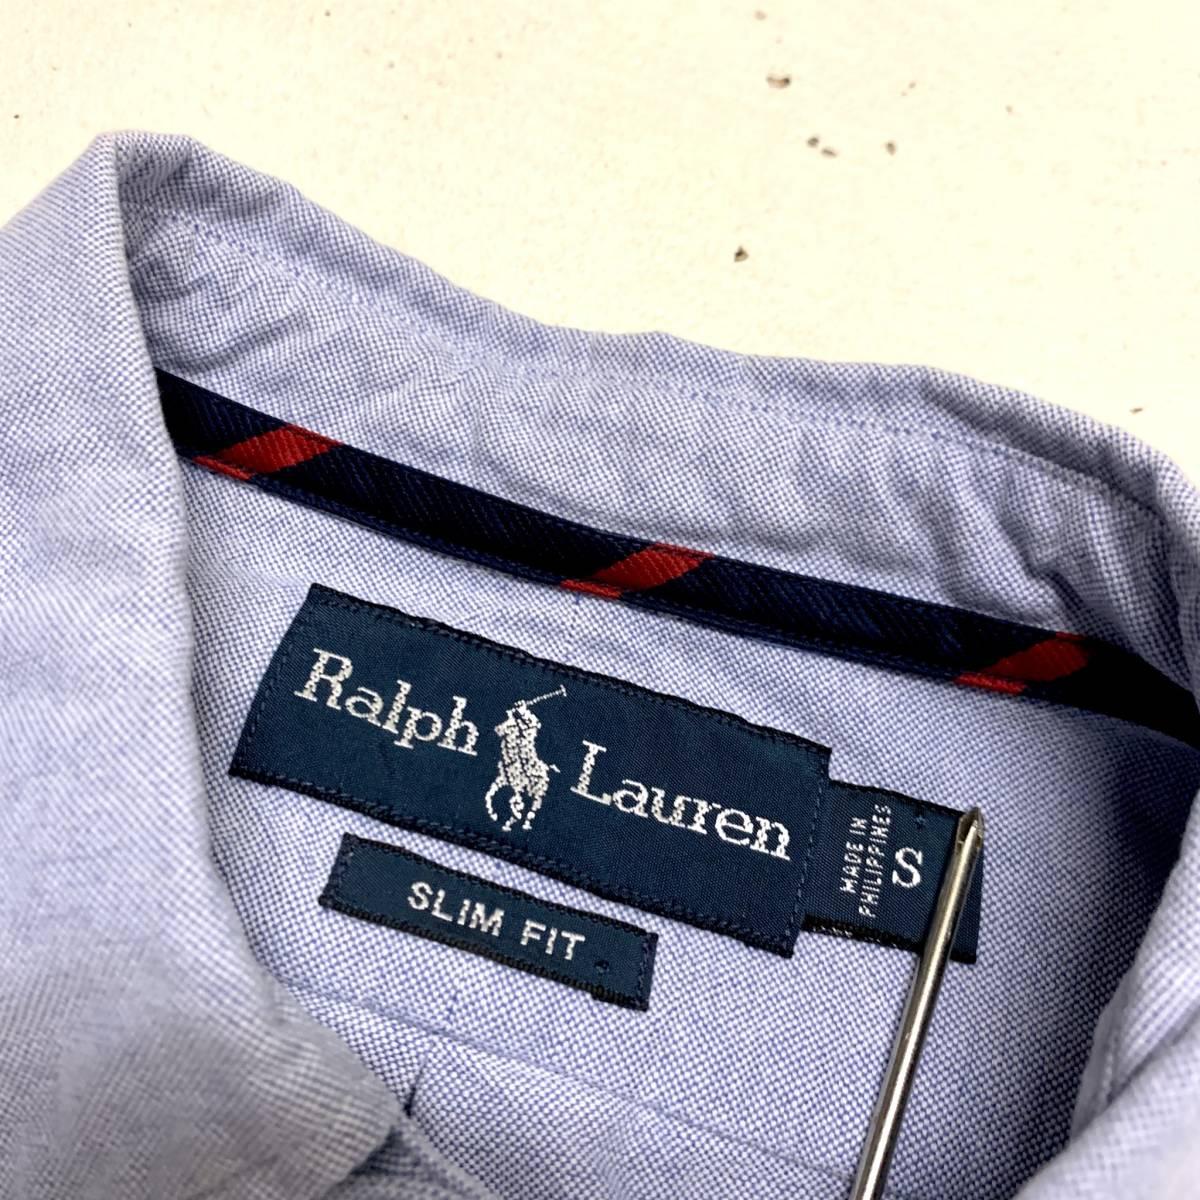 ラルフ ローレン Ralph Lauren オックスフォード シャツ Sサイズ SLIM FIT ブルー マチ付き 長袖 古着 ボタンダウン_画像2